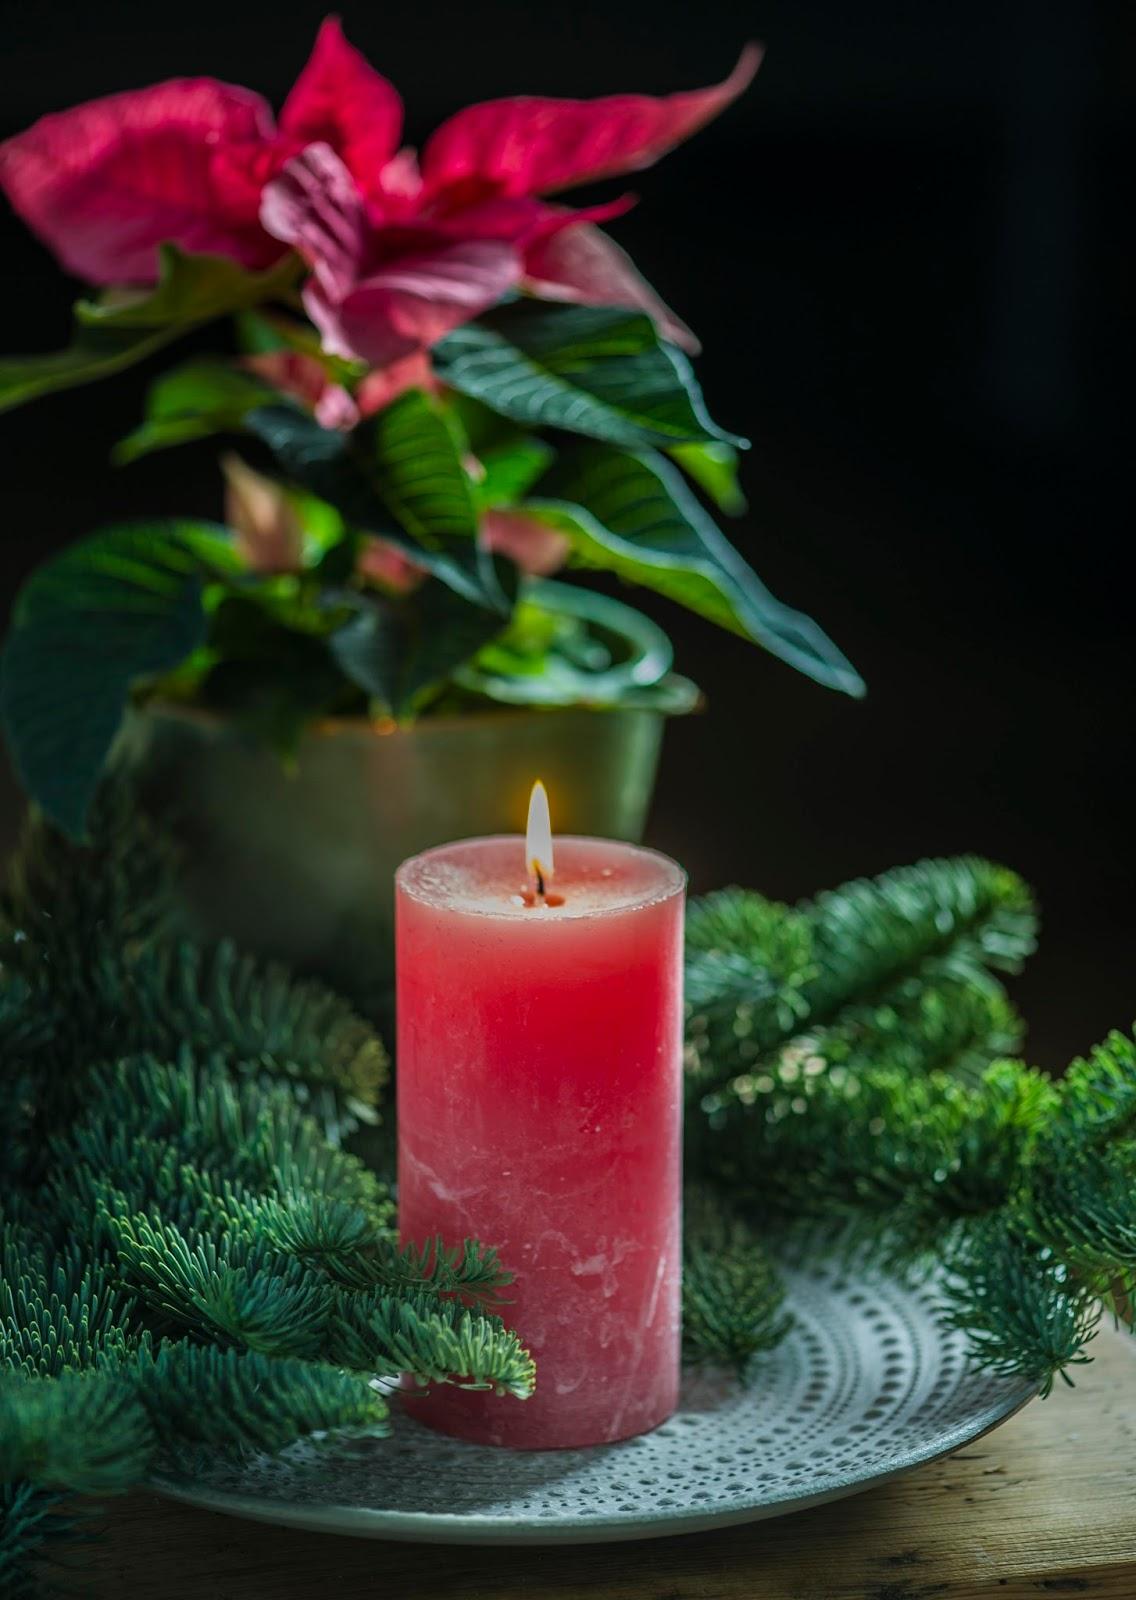 78e64759172 Hästi mõnus on mängida erinevate elavate jõulutaimedega ning küünalde ja  jõuluehetega ning nende värve siis omavahel sobitada. Siin on roosakas  jõulutäht ...